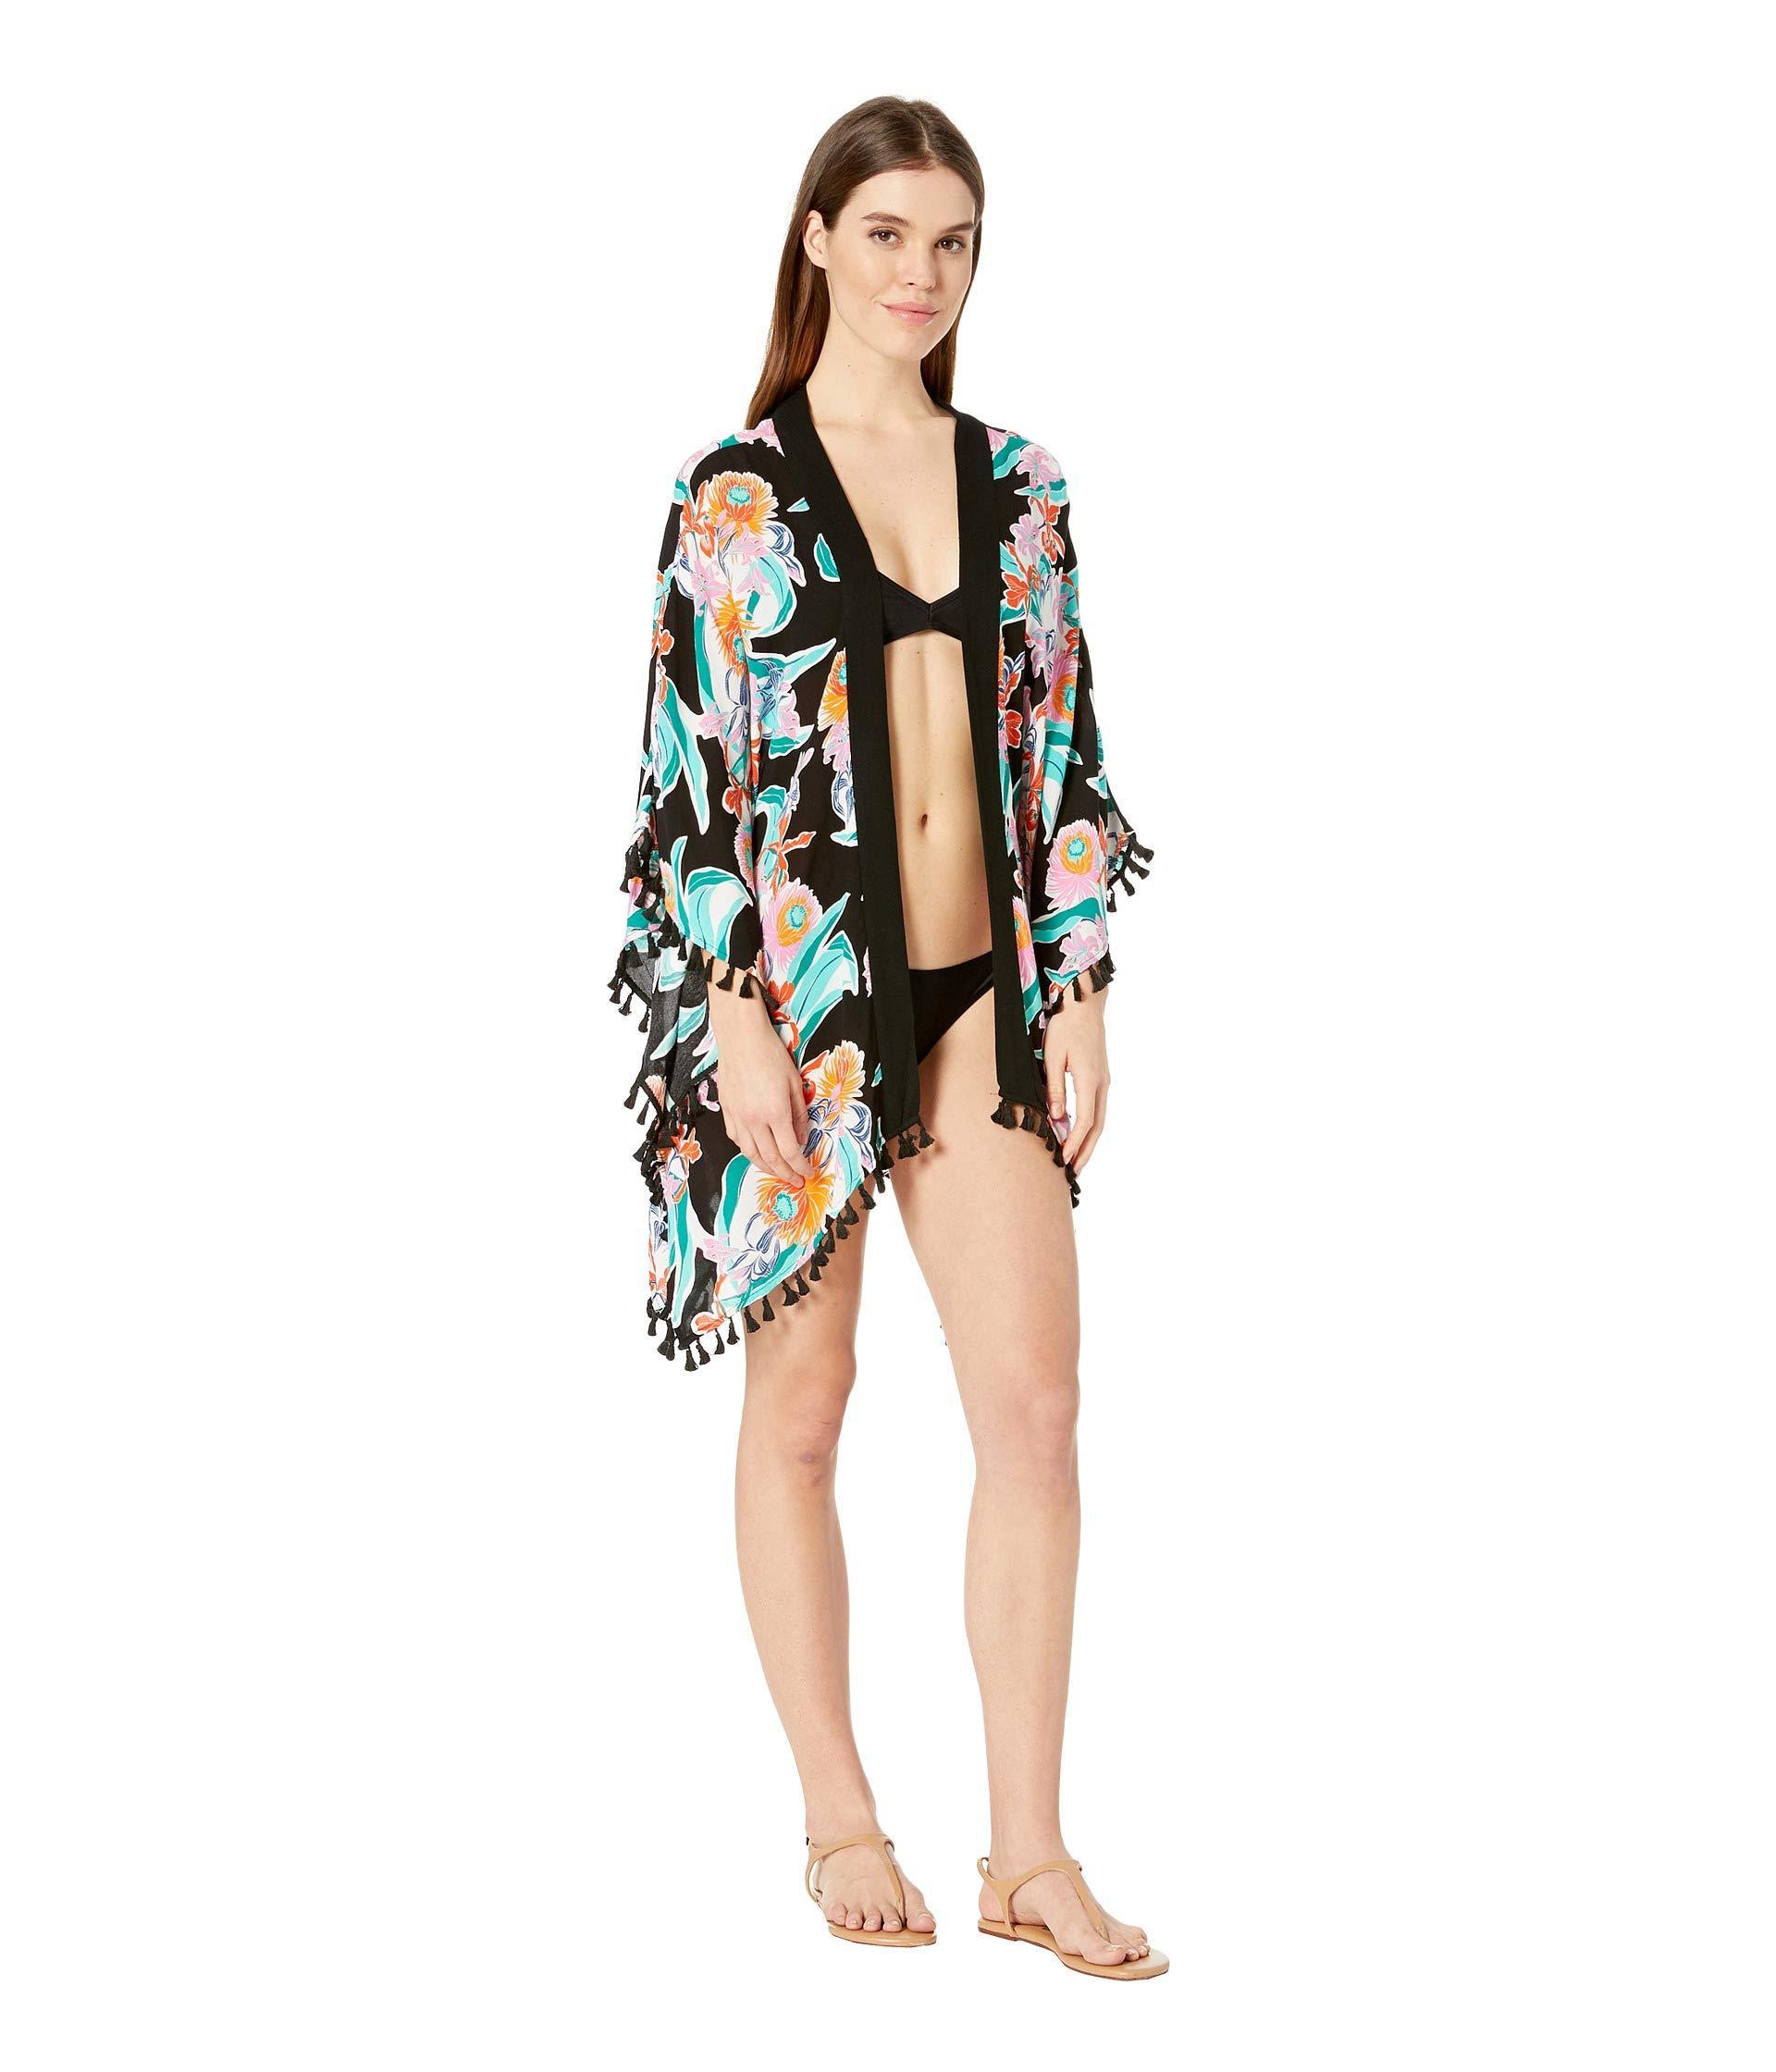 cdee00e759 Trina Turk - Tropic Wave Kimono Cover-up (multicolored) Women s Swimwear -  Lyst. View fullscreen